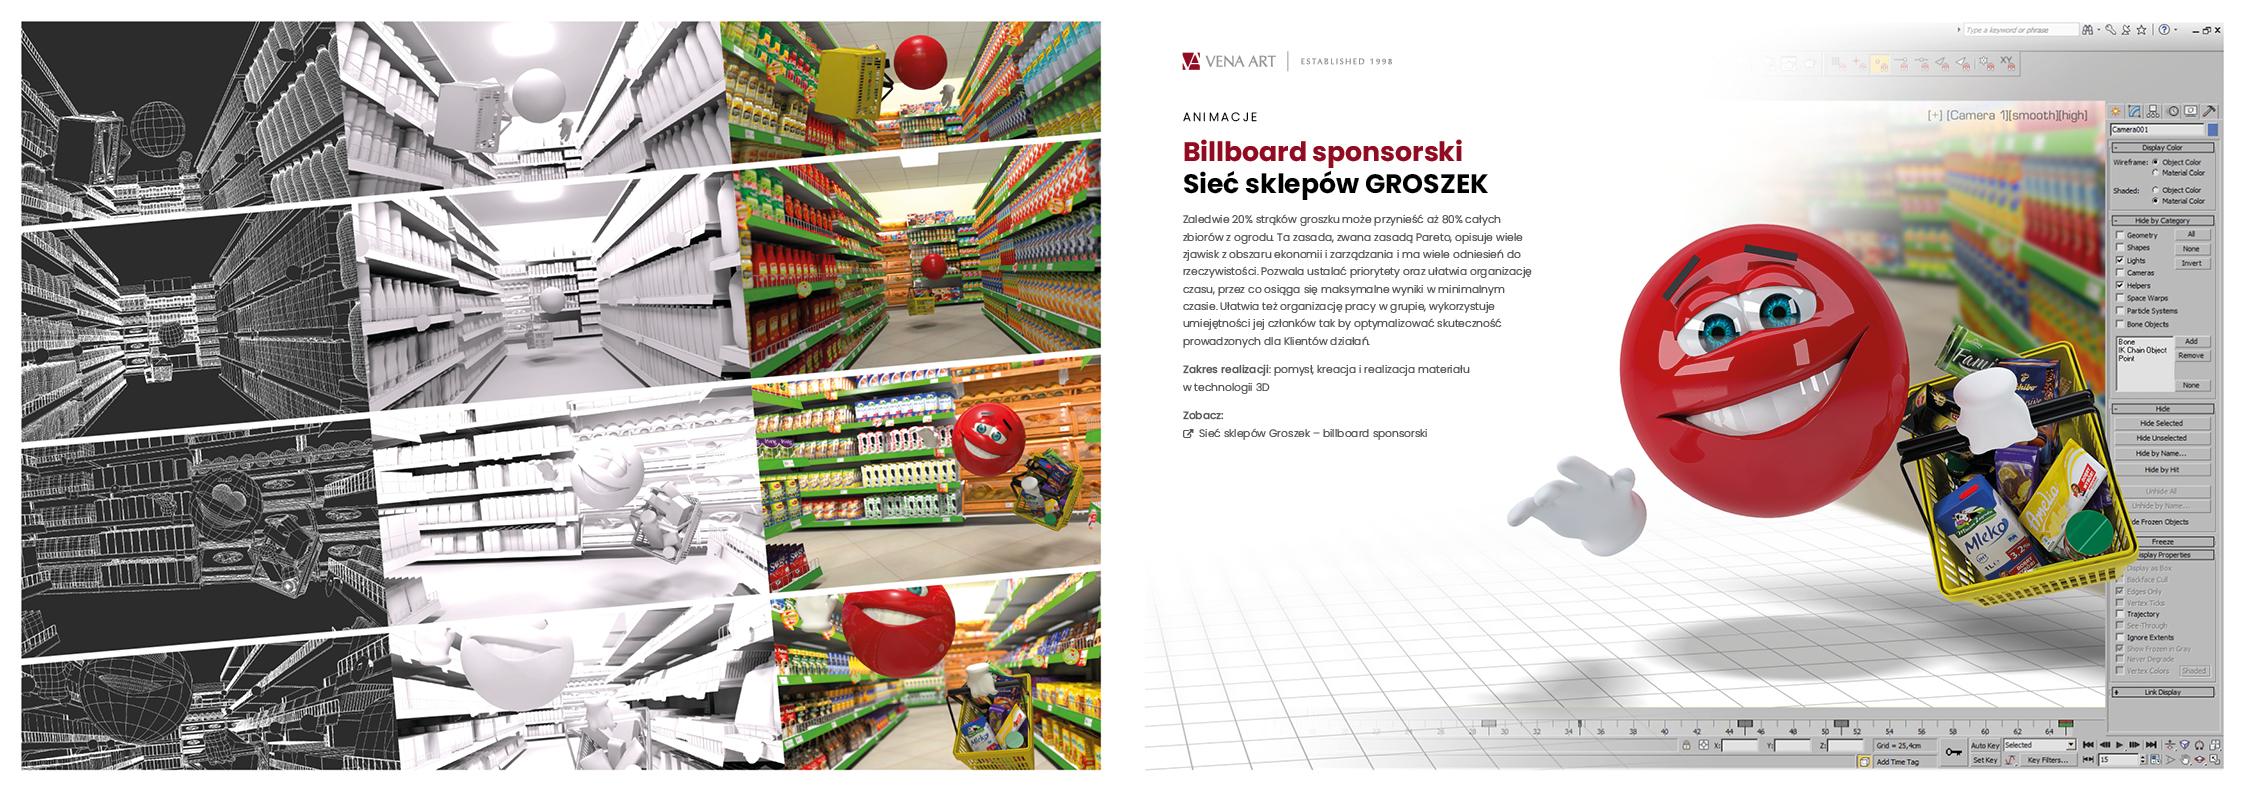 Billboard sponsorski —Sieć sklepów Groszek